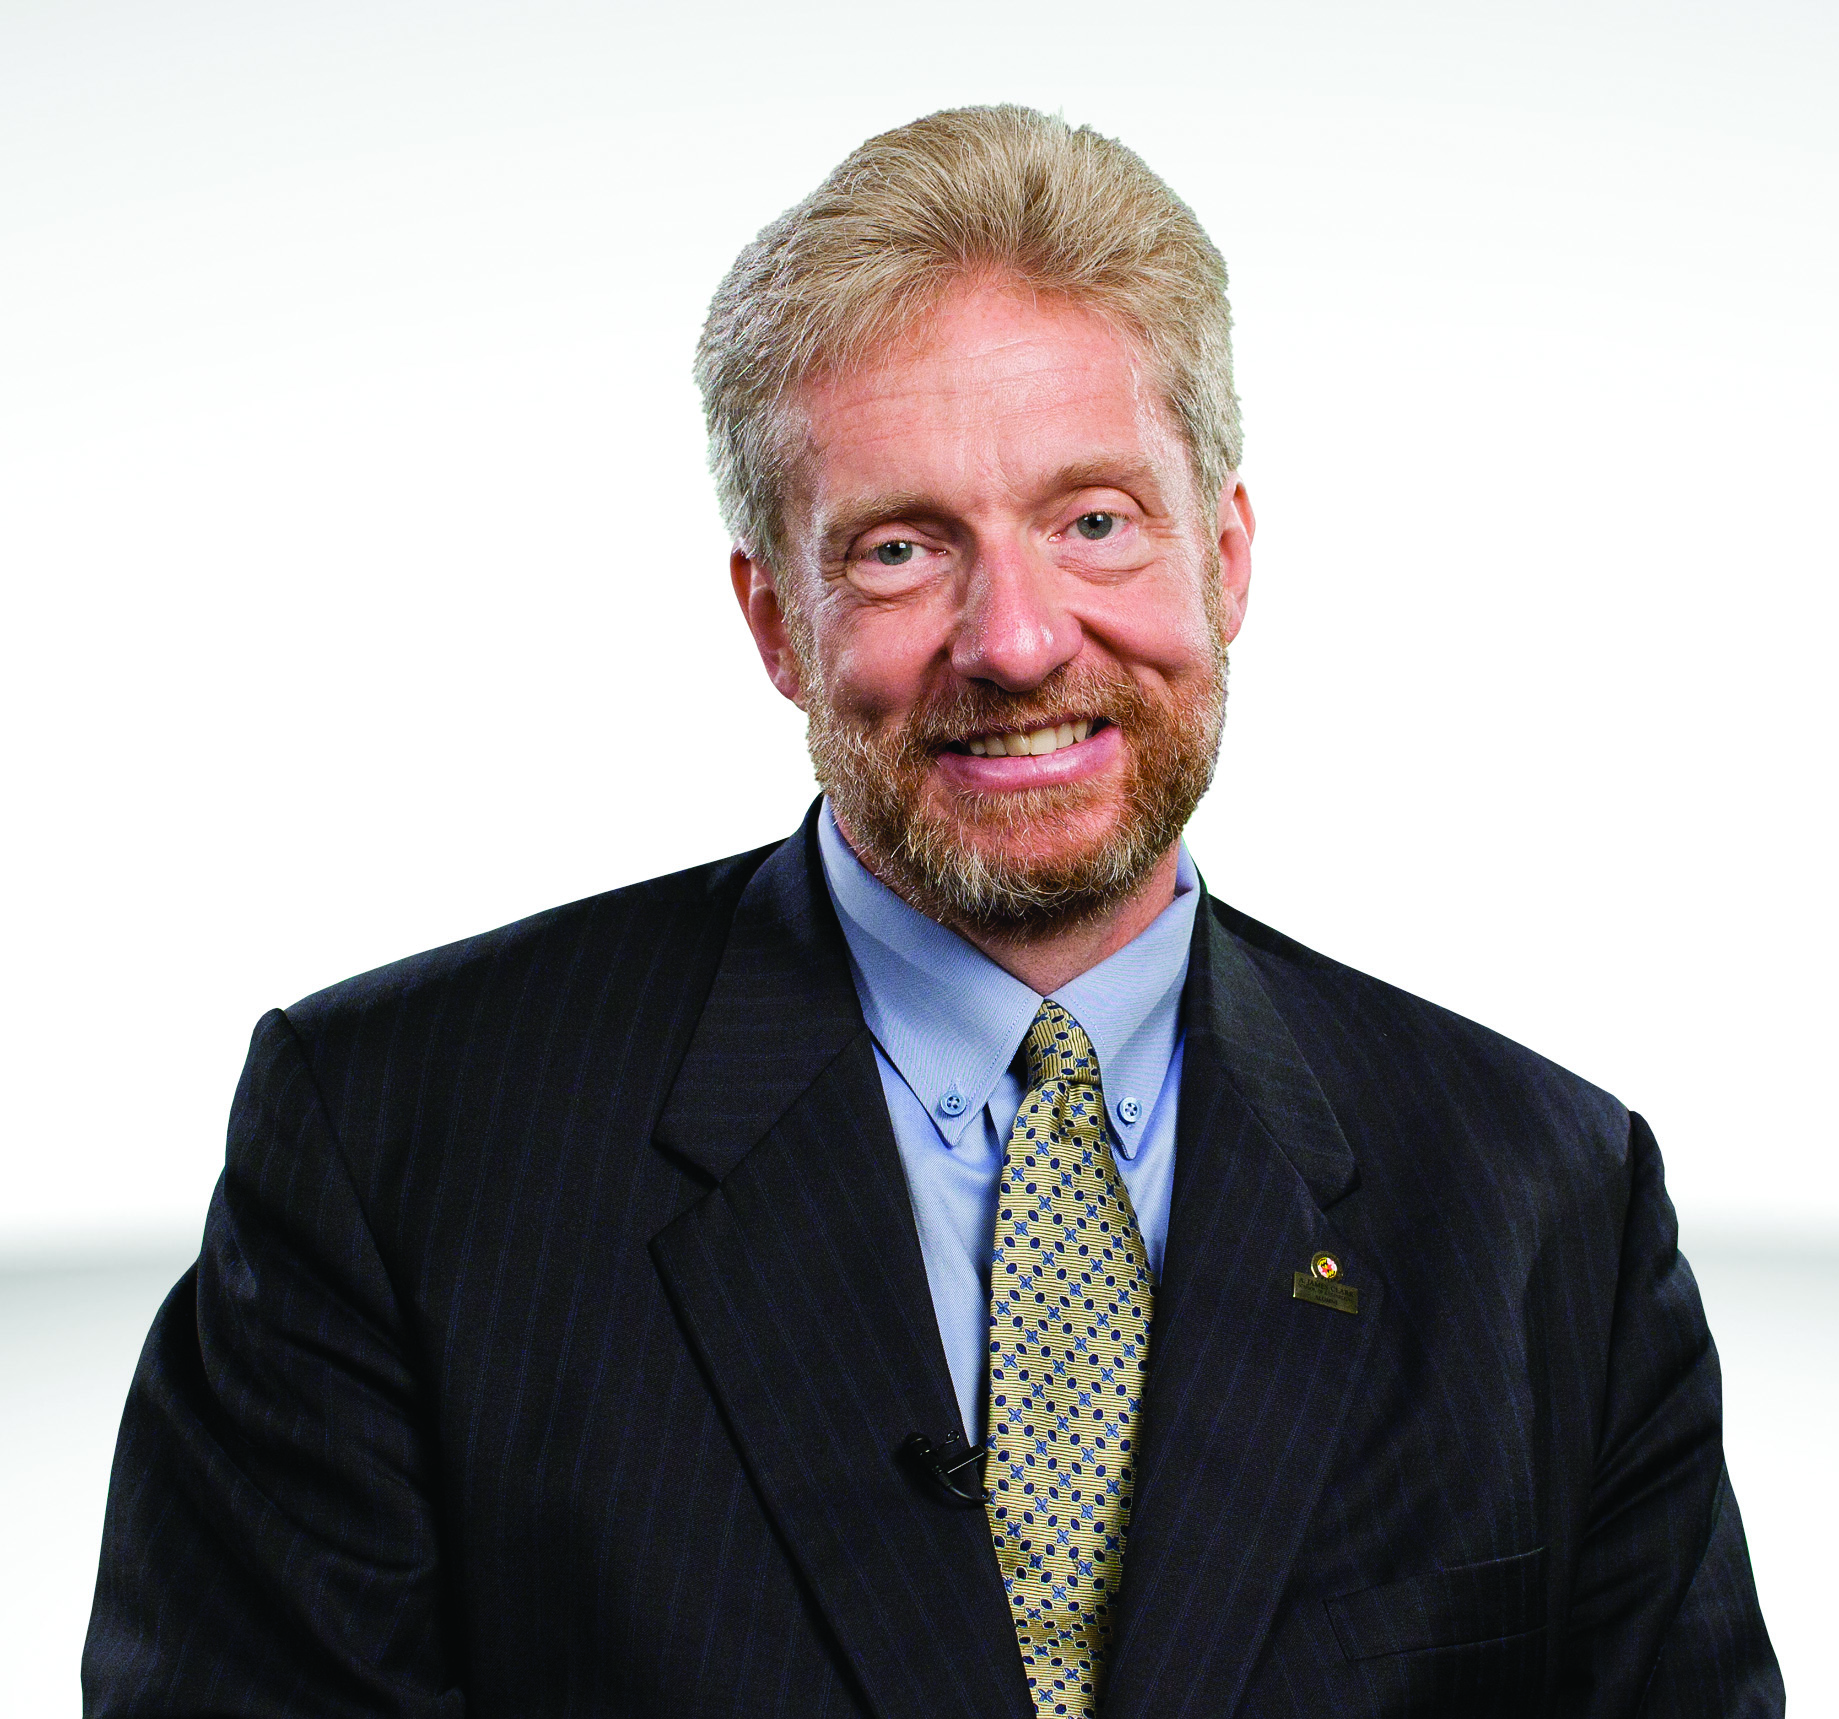 William Koffel